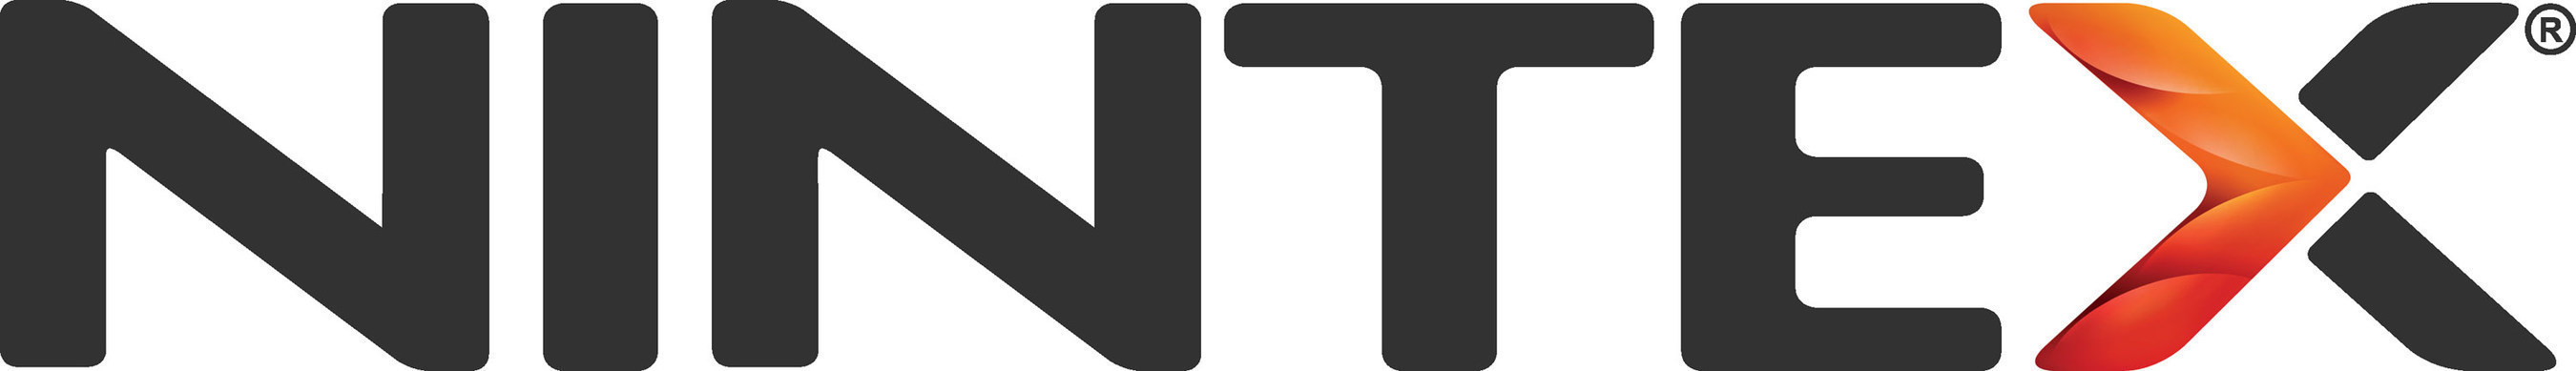 Cloud BPM Tools Comparison - Nintex